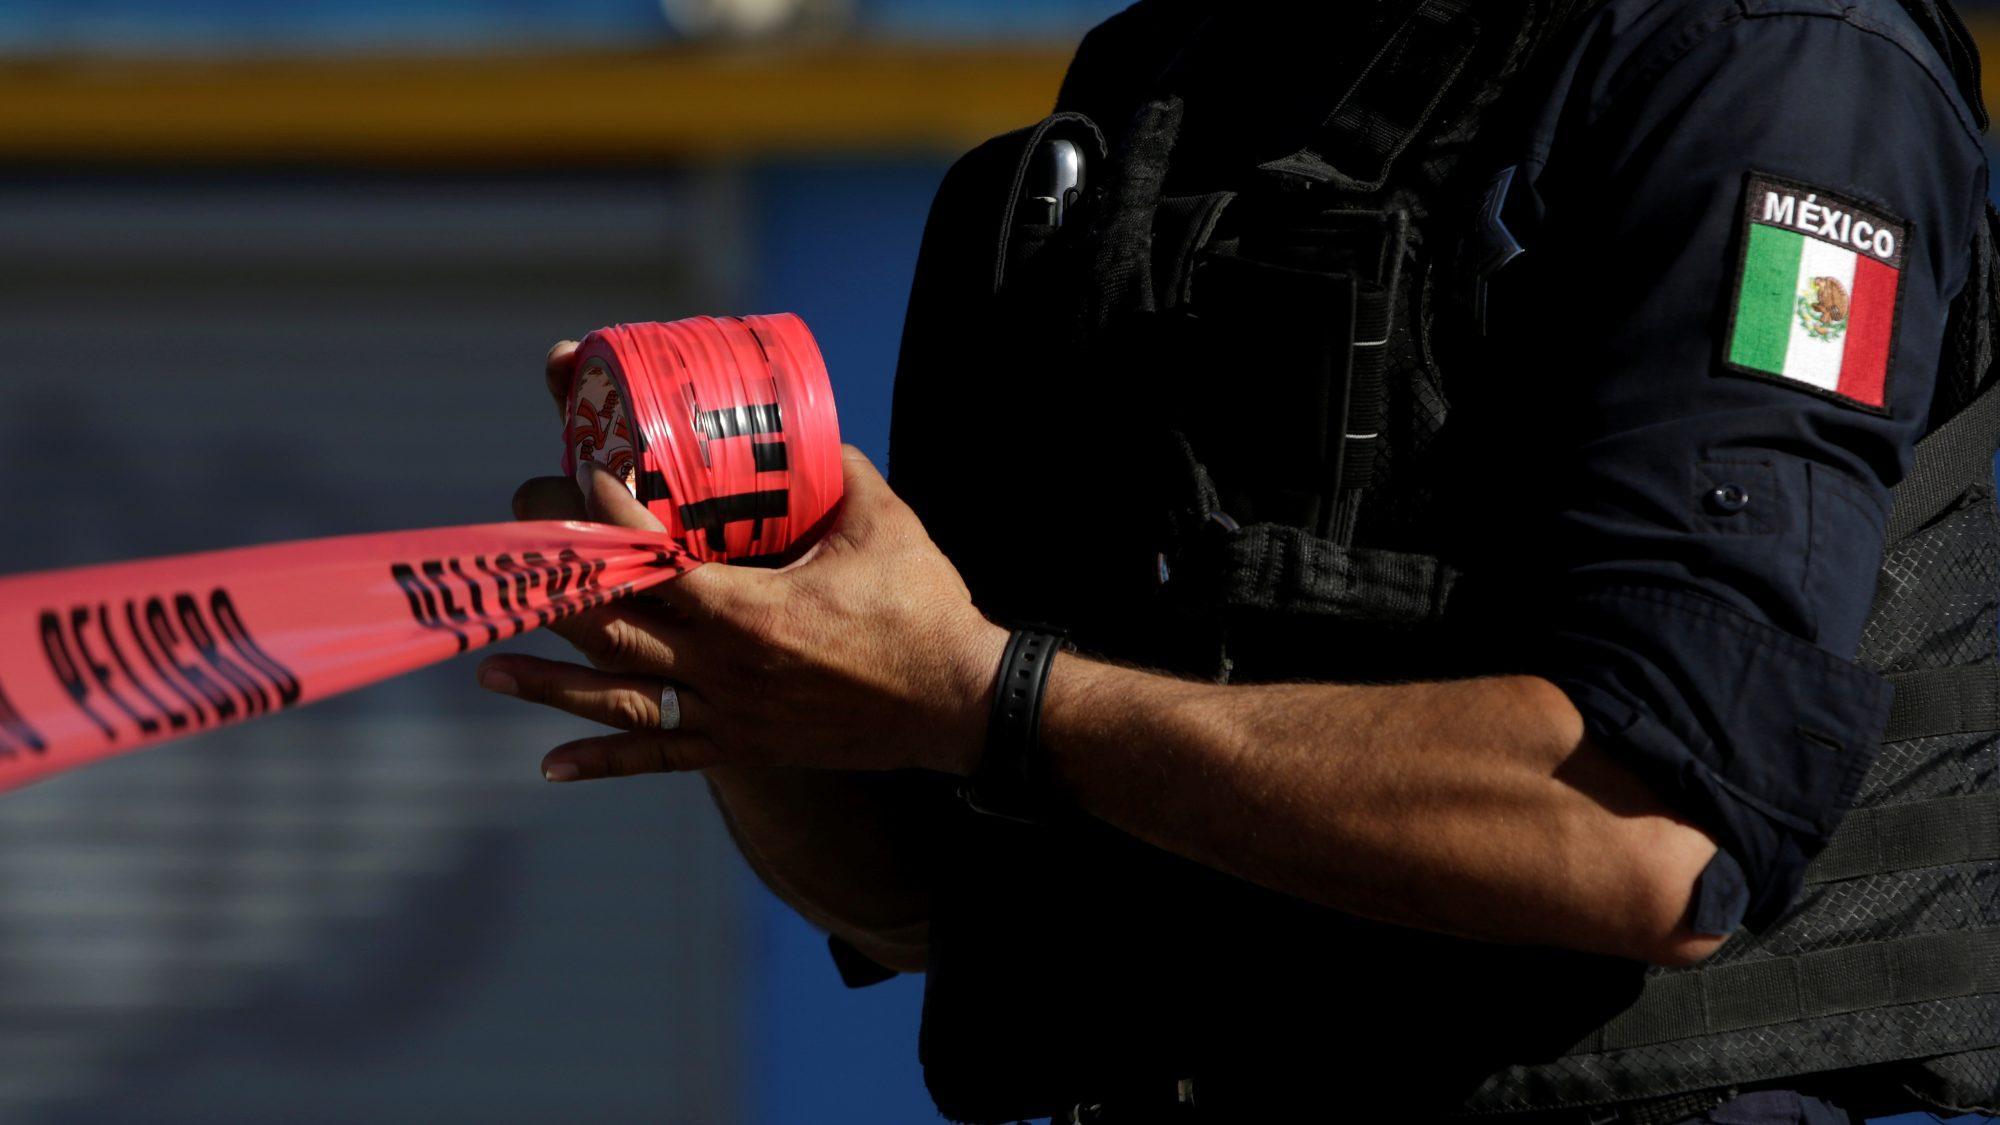 Percepción de inseguridad en ciudades llega a 76% de habitantes